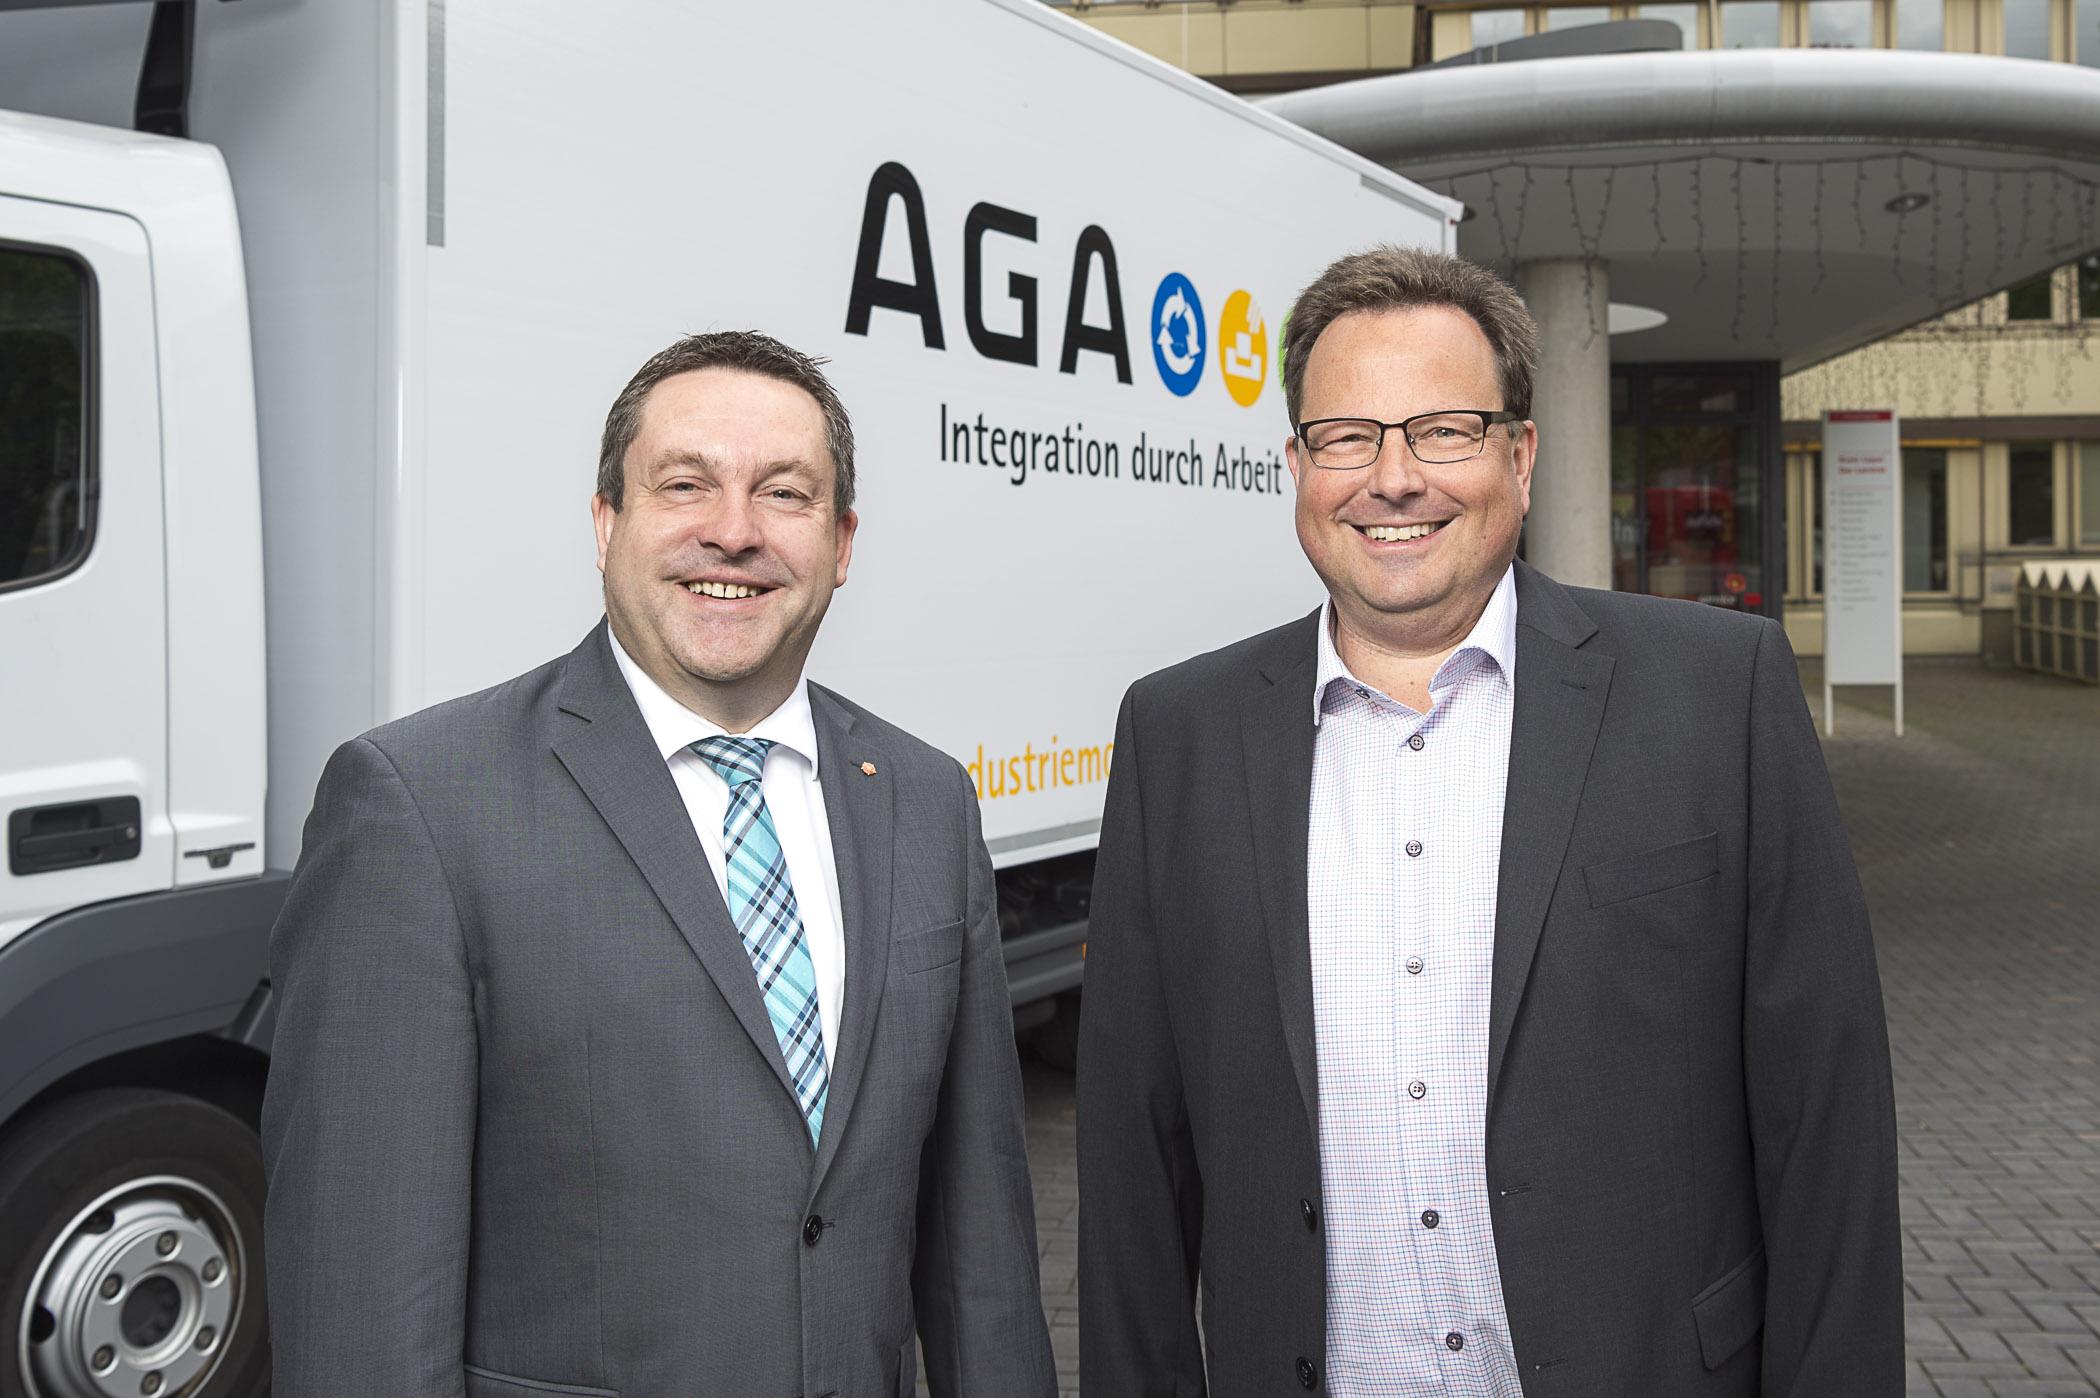 Landrat Dr. Axel Lehmann und Geschäftsführer Jens Filies stehen vor dem Firmen-LKW und lächeln in die Kamera.